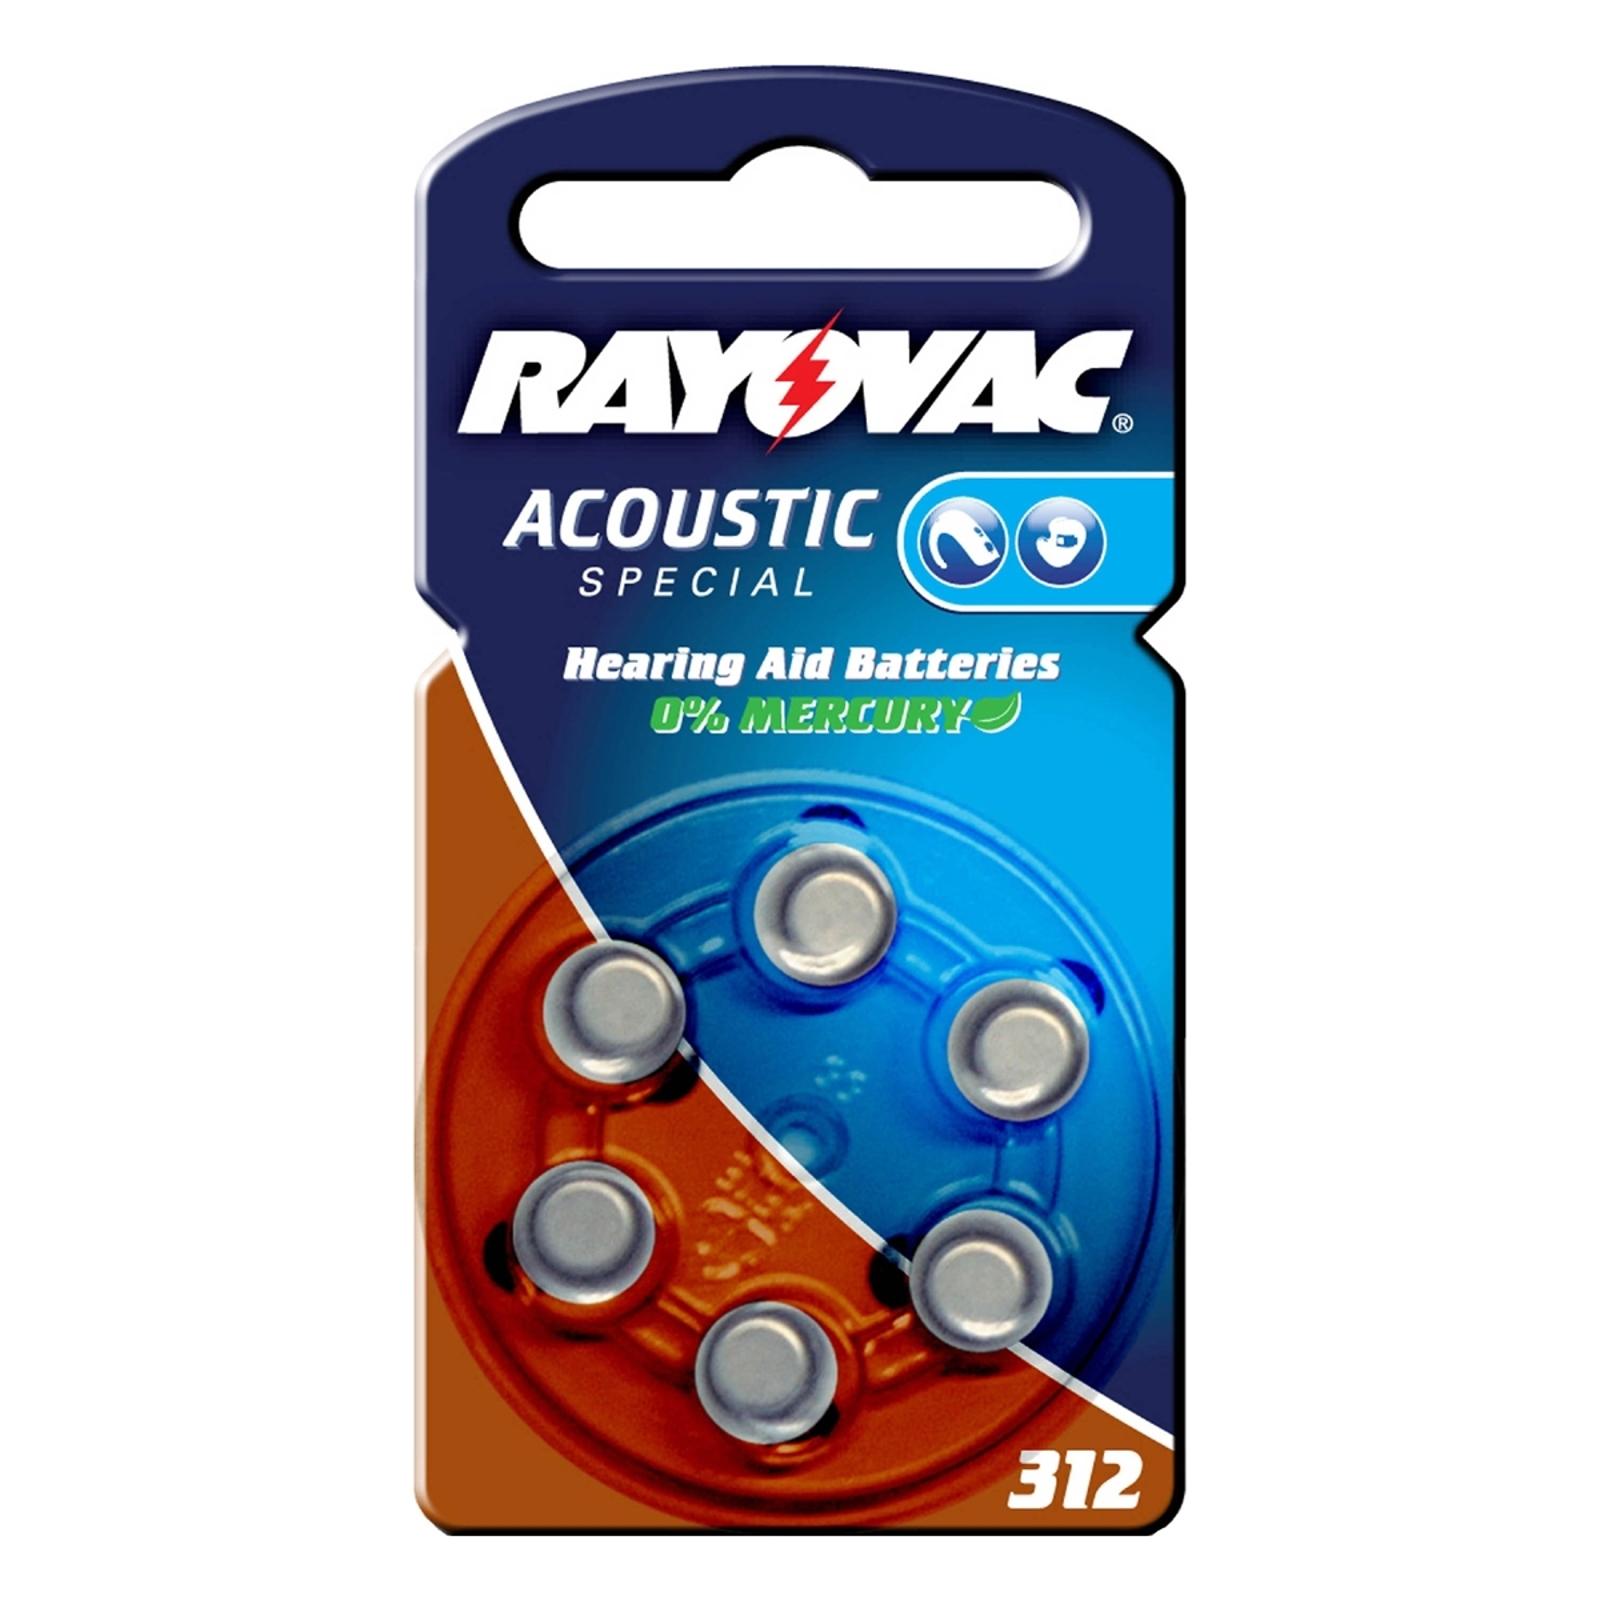 nappiparisto Rayovac 312 Acoustic 1,4 V, 180m/Ah